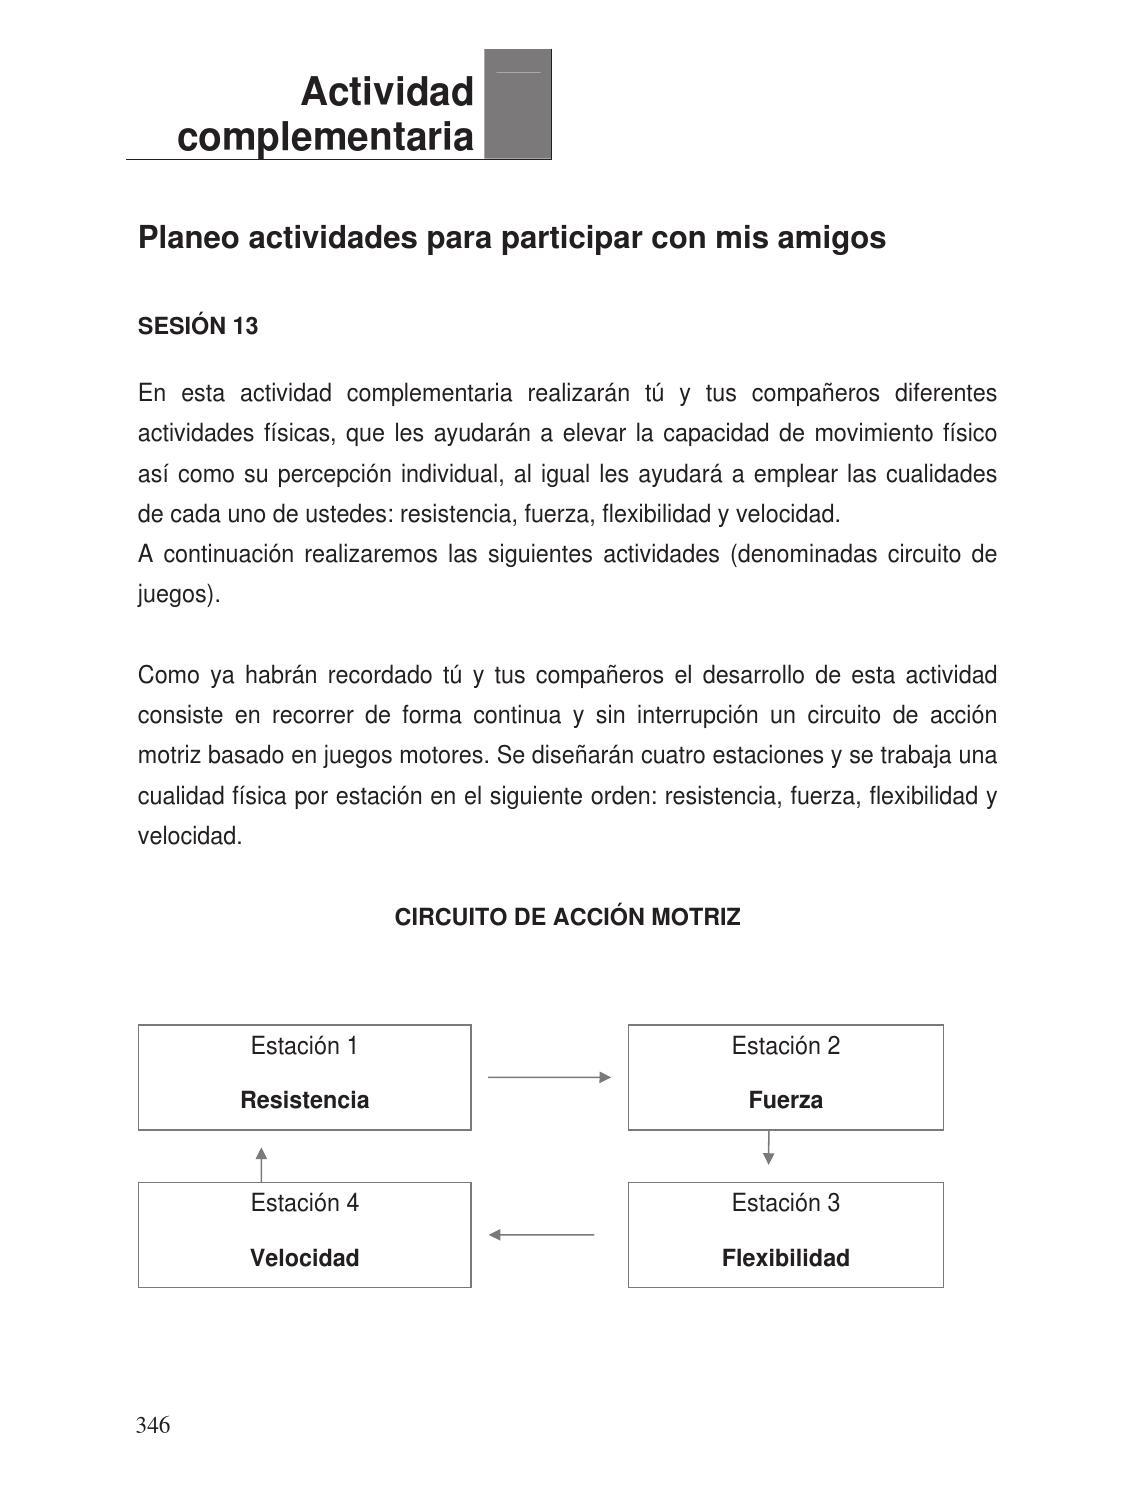 Circuito Fisico : Manual de instalaciones electricas para hogar libro fisico